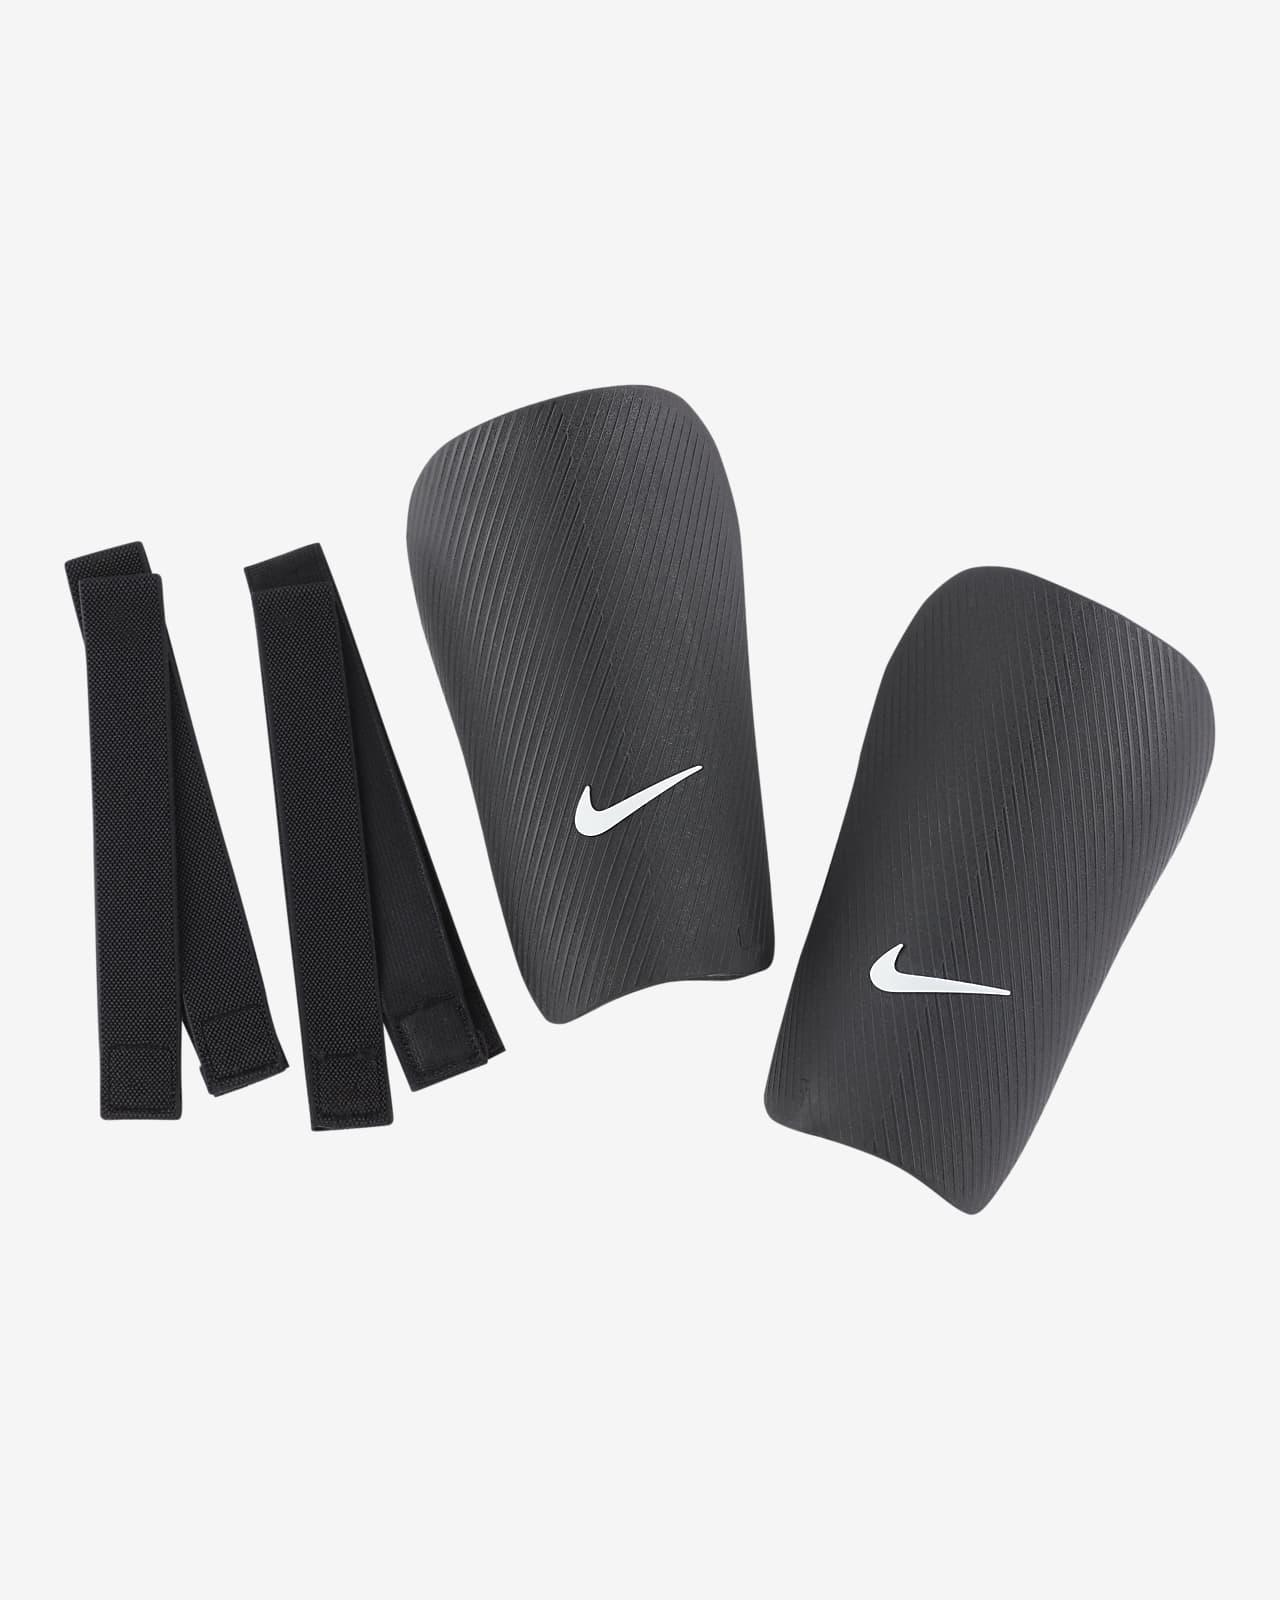 Protège-tibias de football Nike J Guard-CE